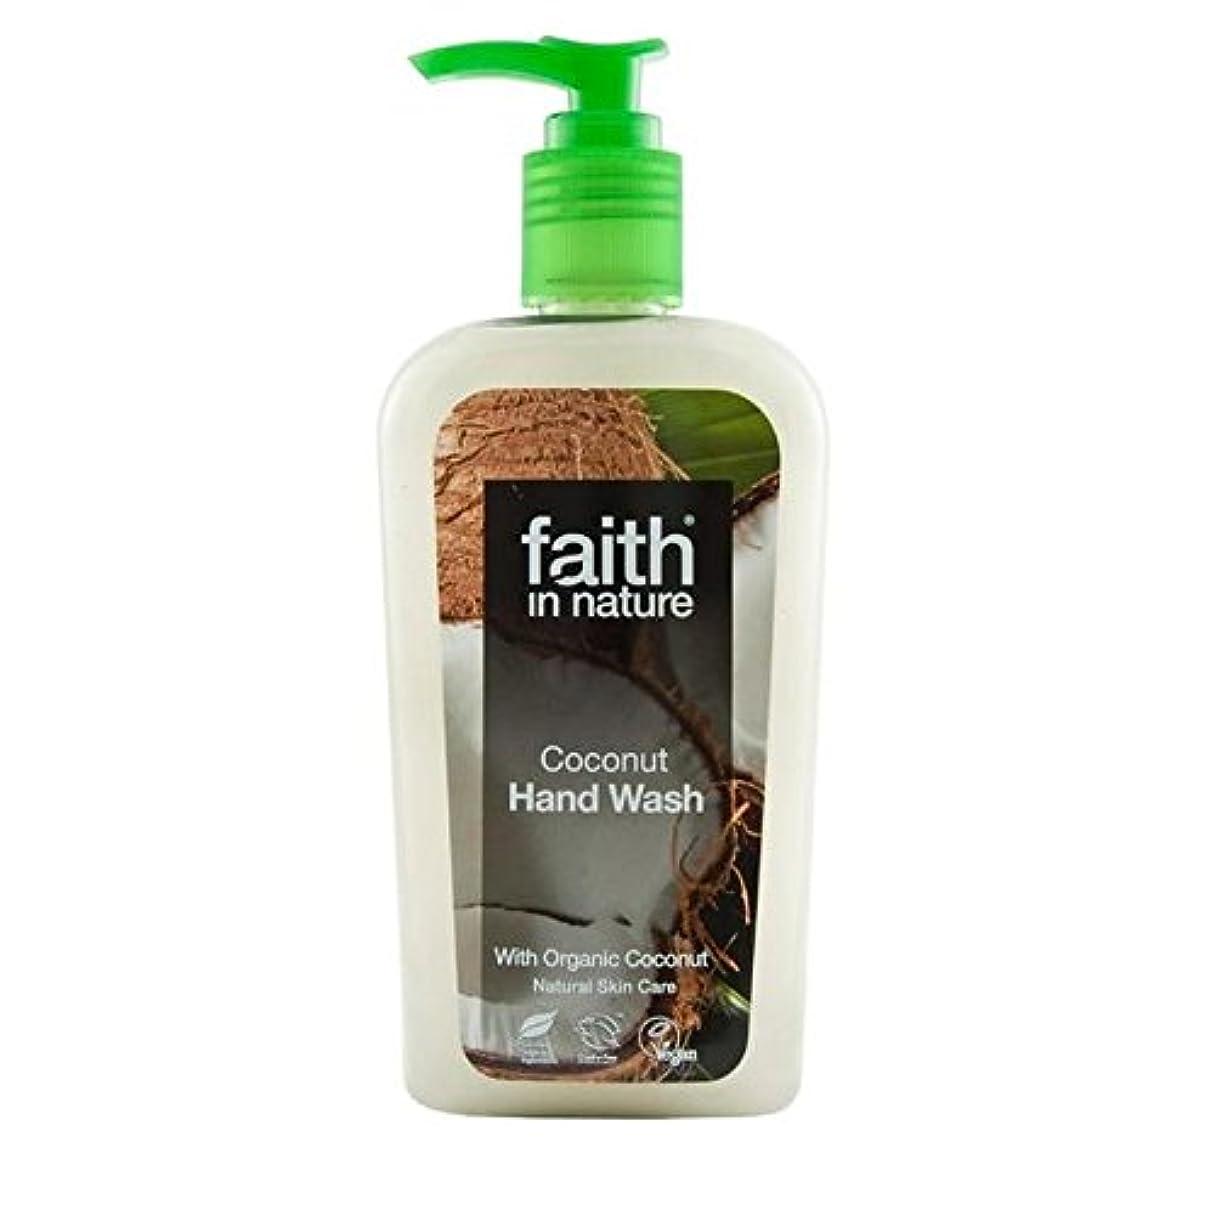 ホールドオールあなたが良くなりますいまFaith in Nature Coconut Handwash 300ml (Pack of 6) - (Faith In Nature) 自然ココナッツ手洗いの300ミリリットルの信仰 (x6) [並行輸入品]